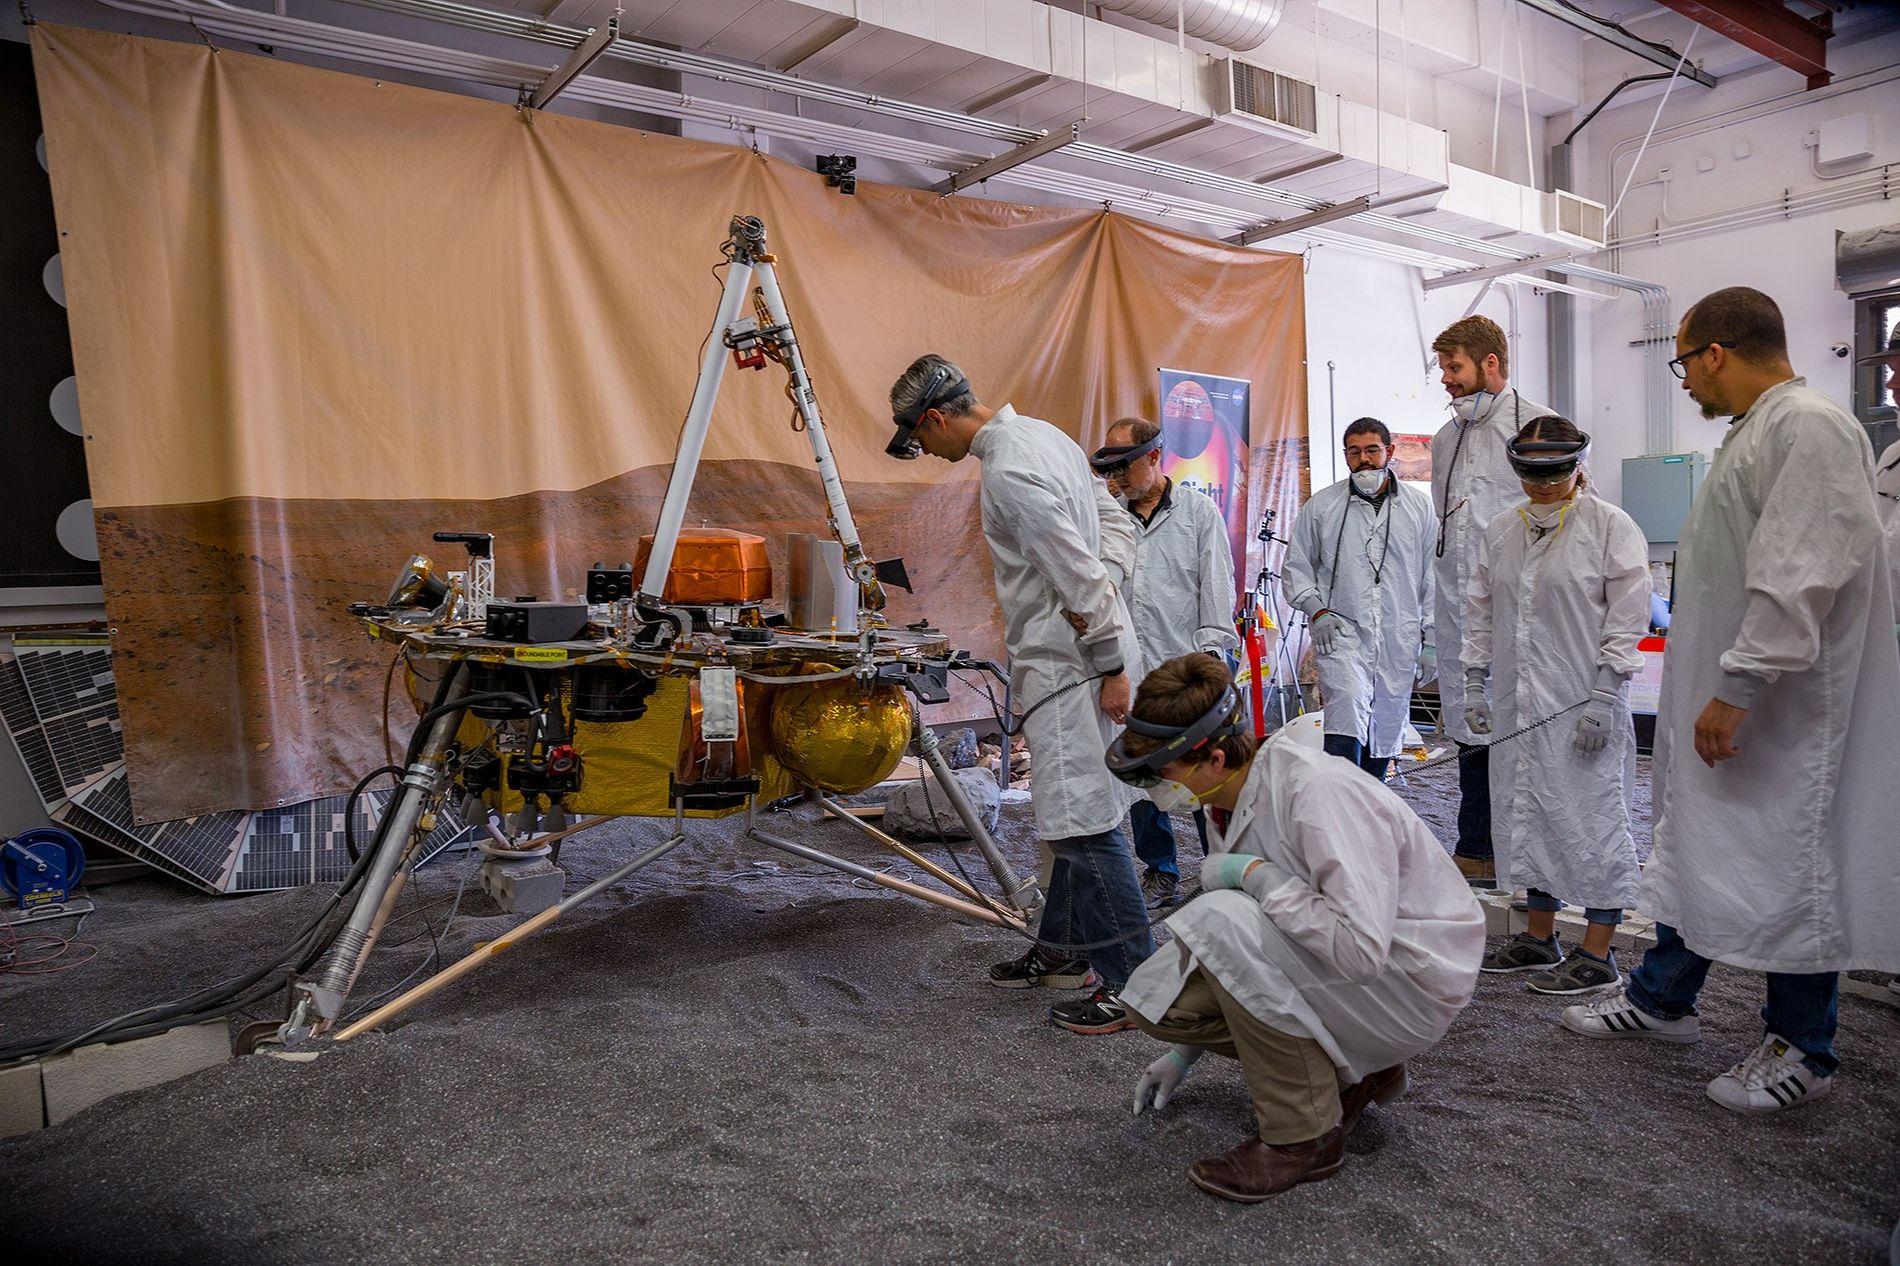 Uma equipe de cientistas trabalha com uma réplica da sonda InSight no In Situ Instrument Laboratory, ...